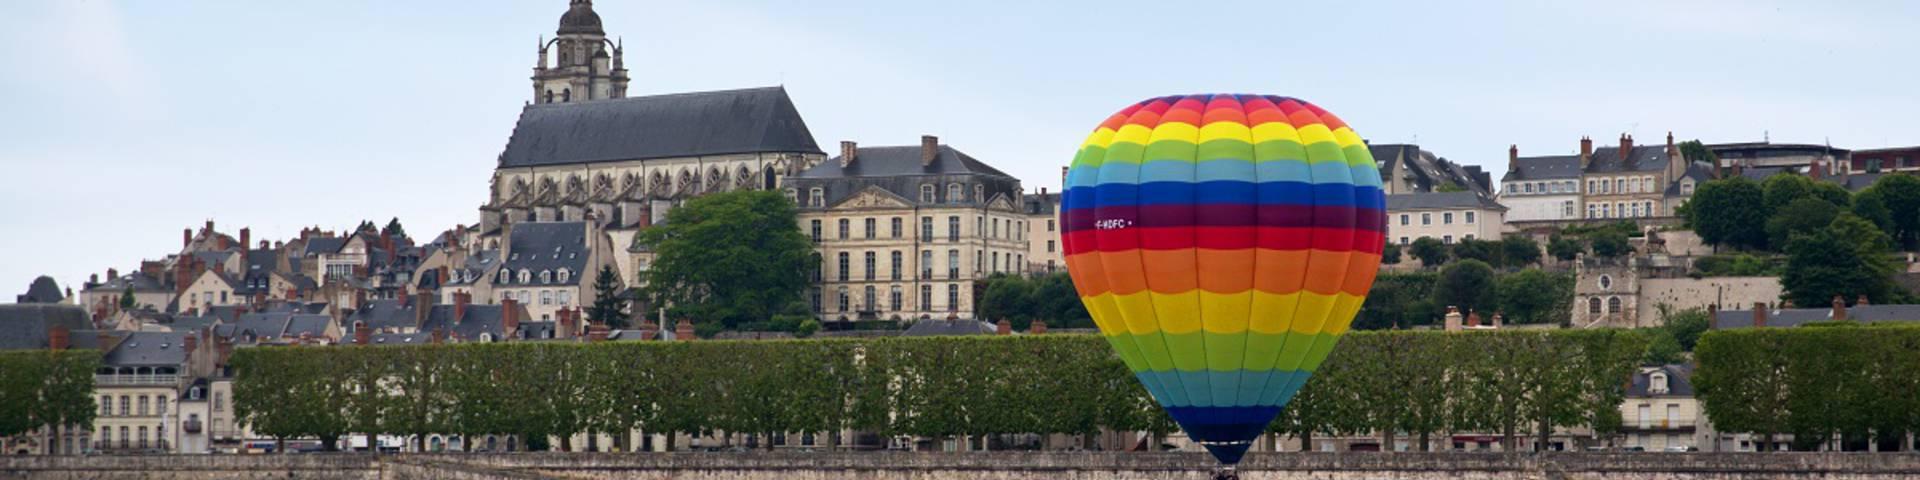 Survolez le Val de Loire en montgolfière. © OTBC